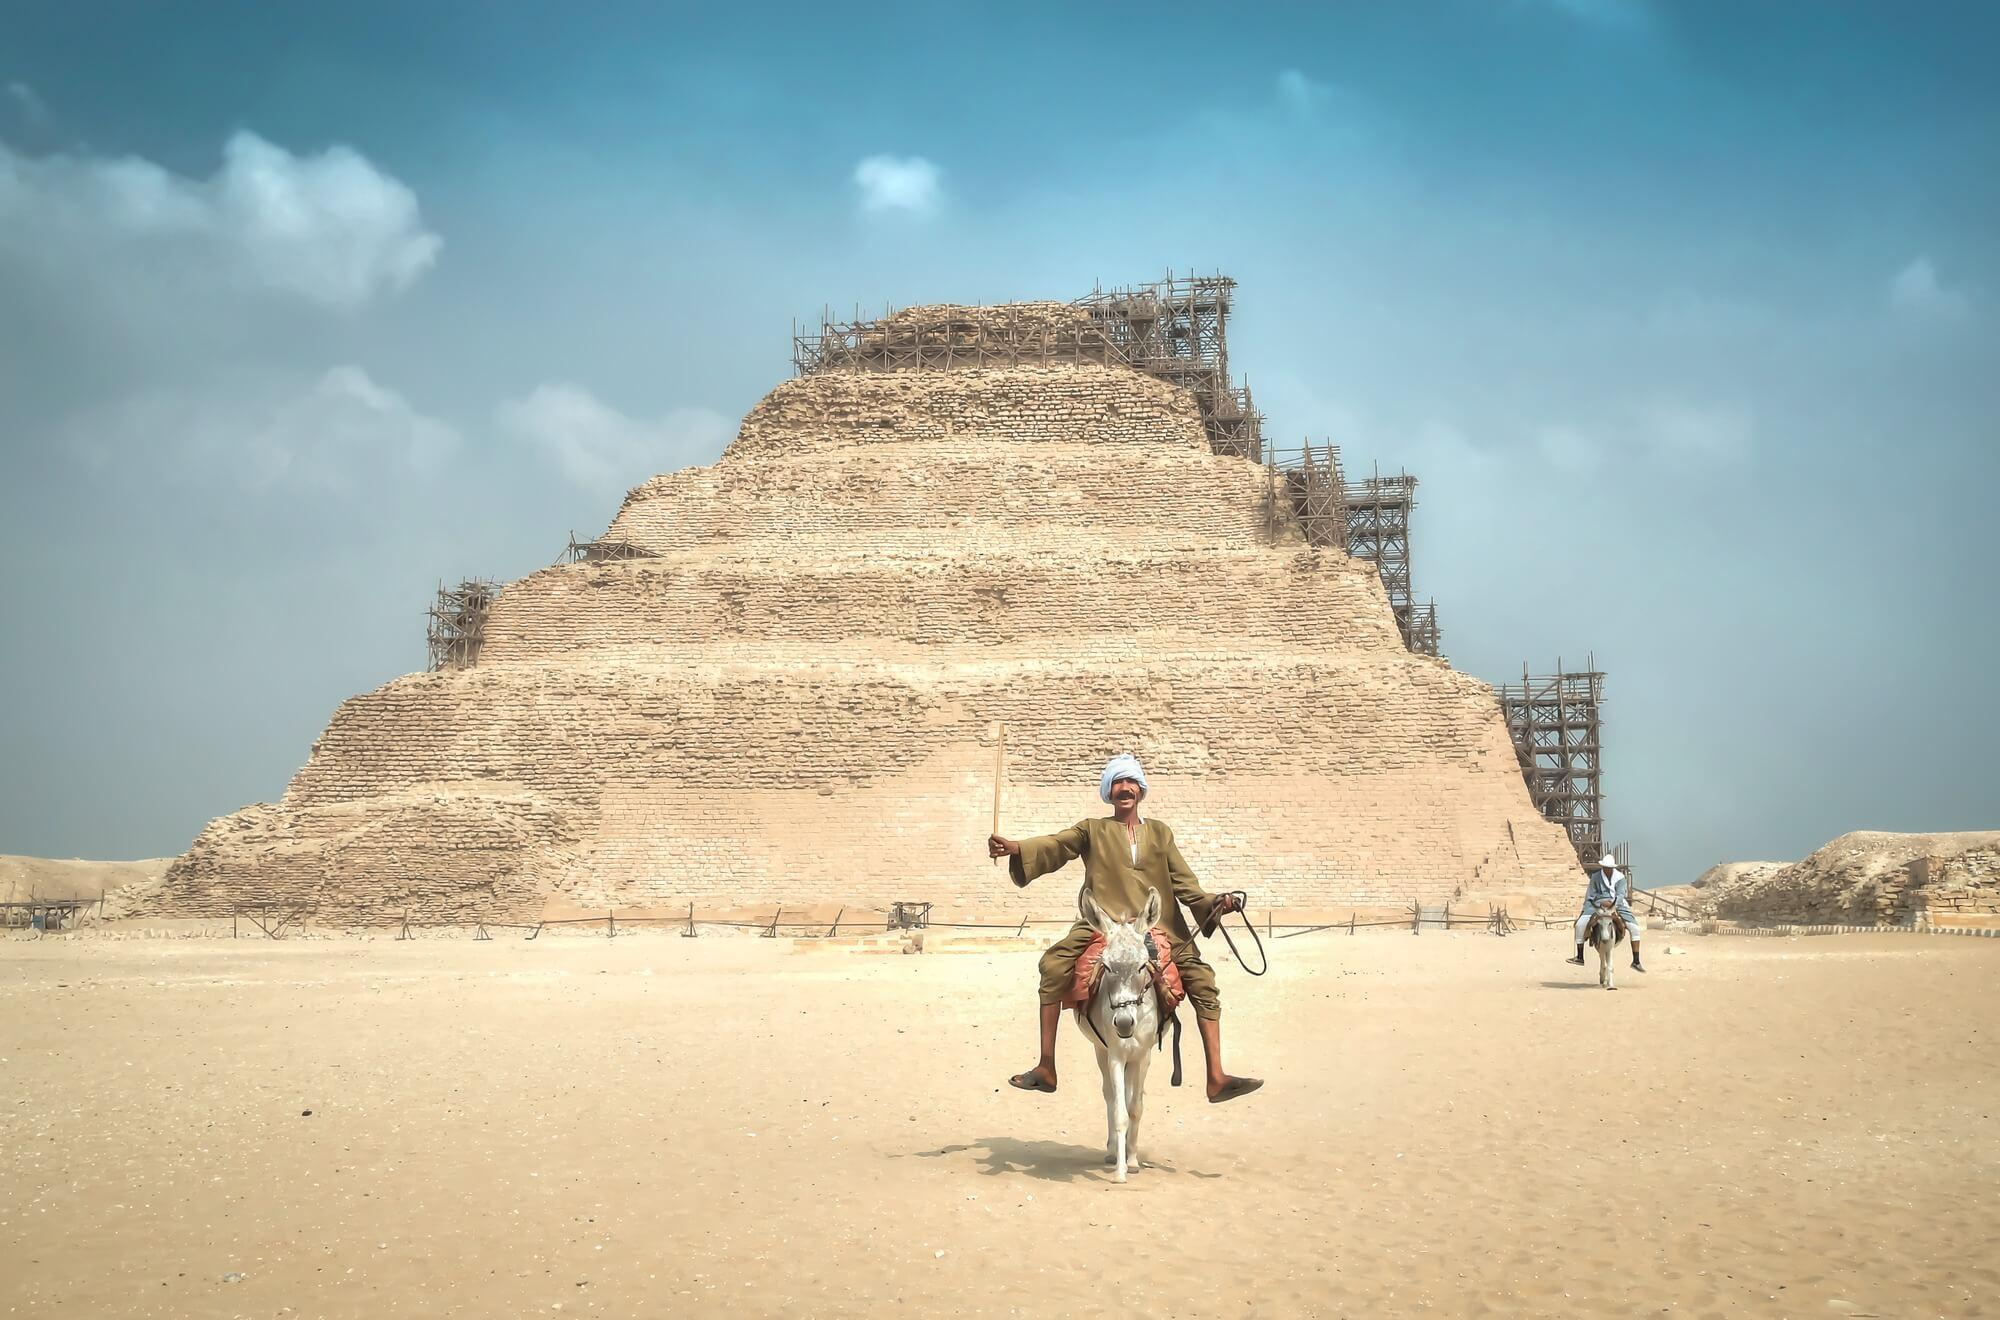 Egyptian Man on Donkey   Wallsauce UK